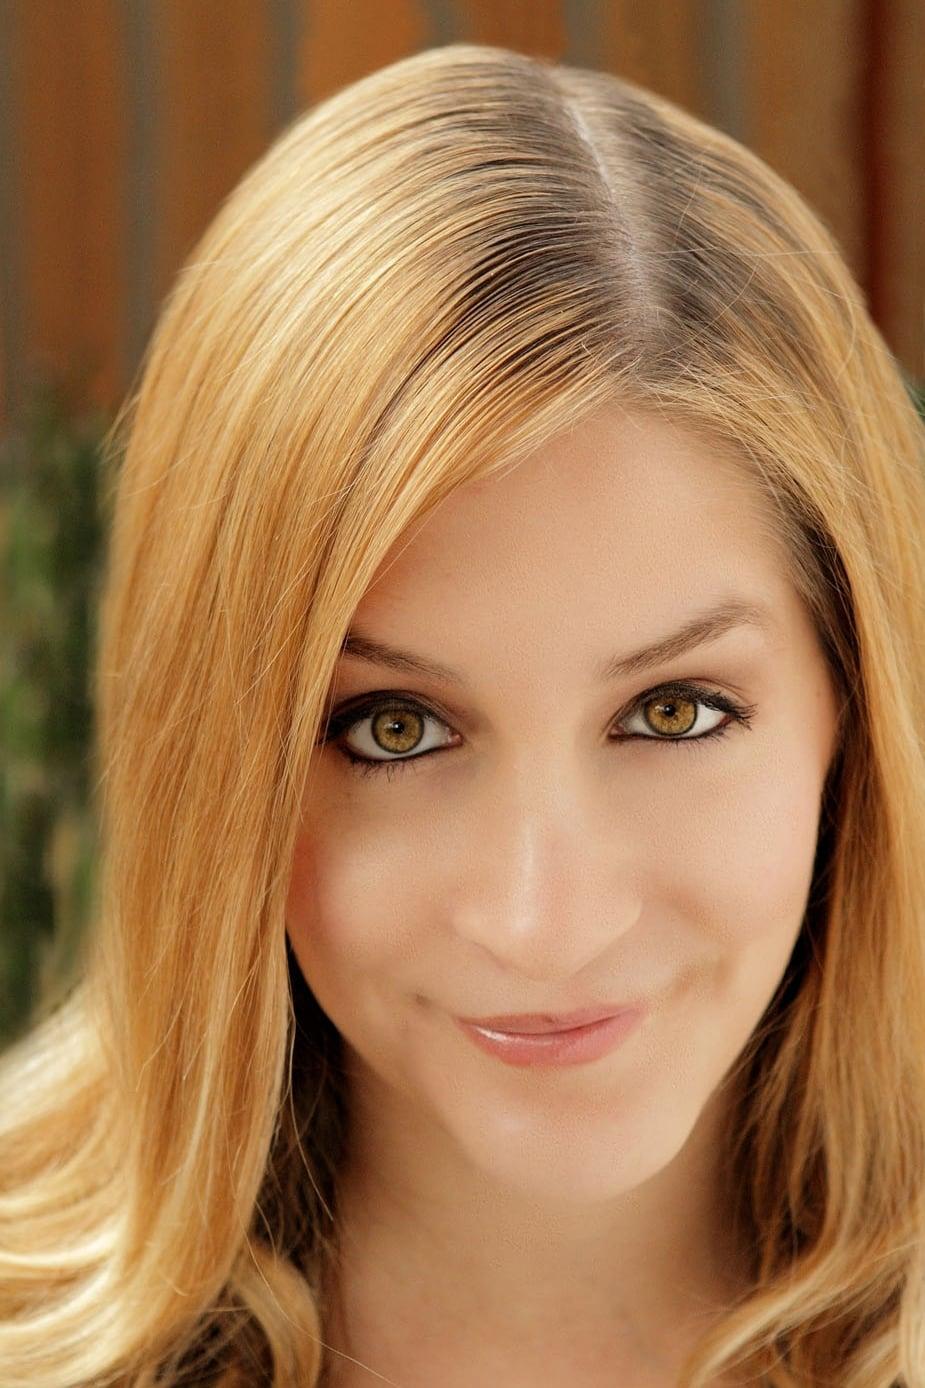 Jessica Poter